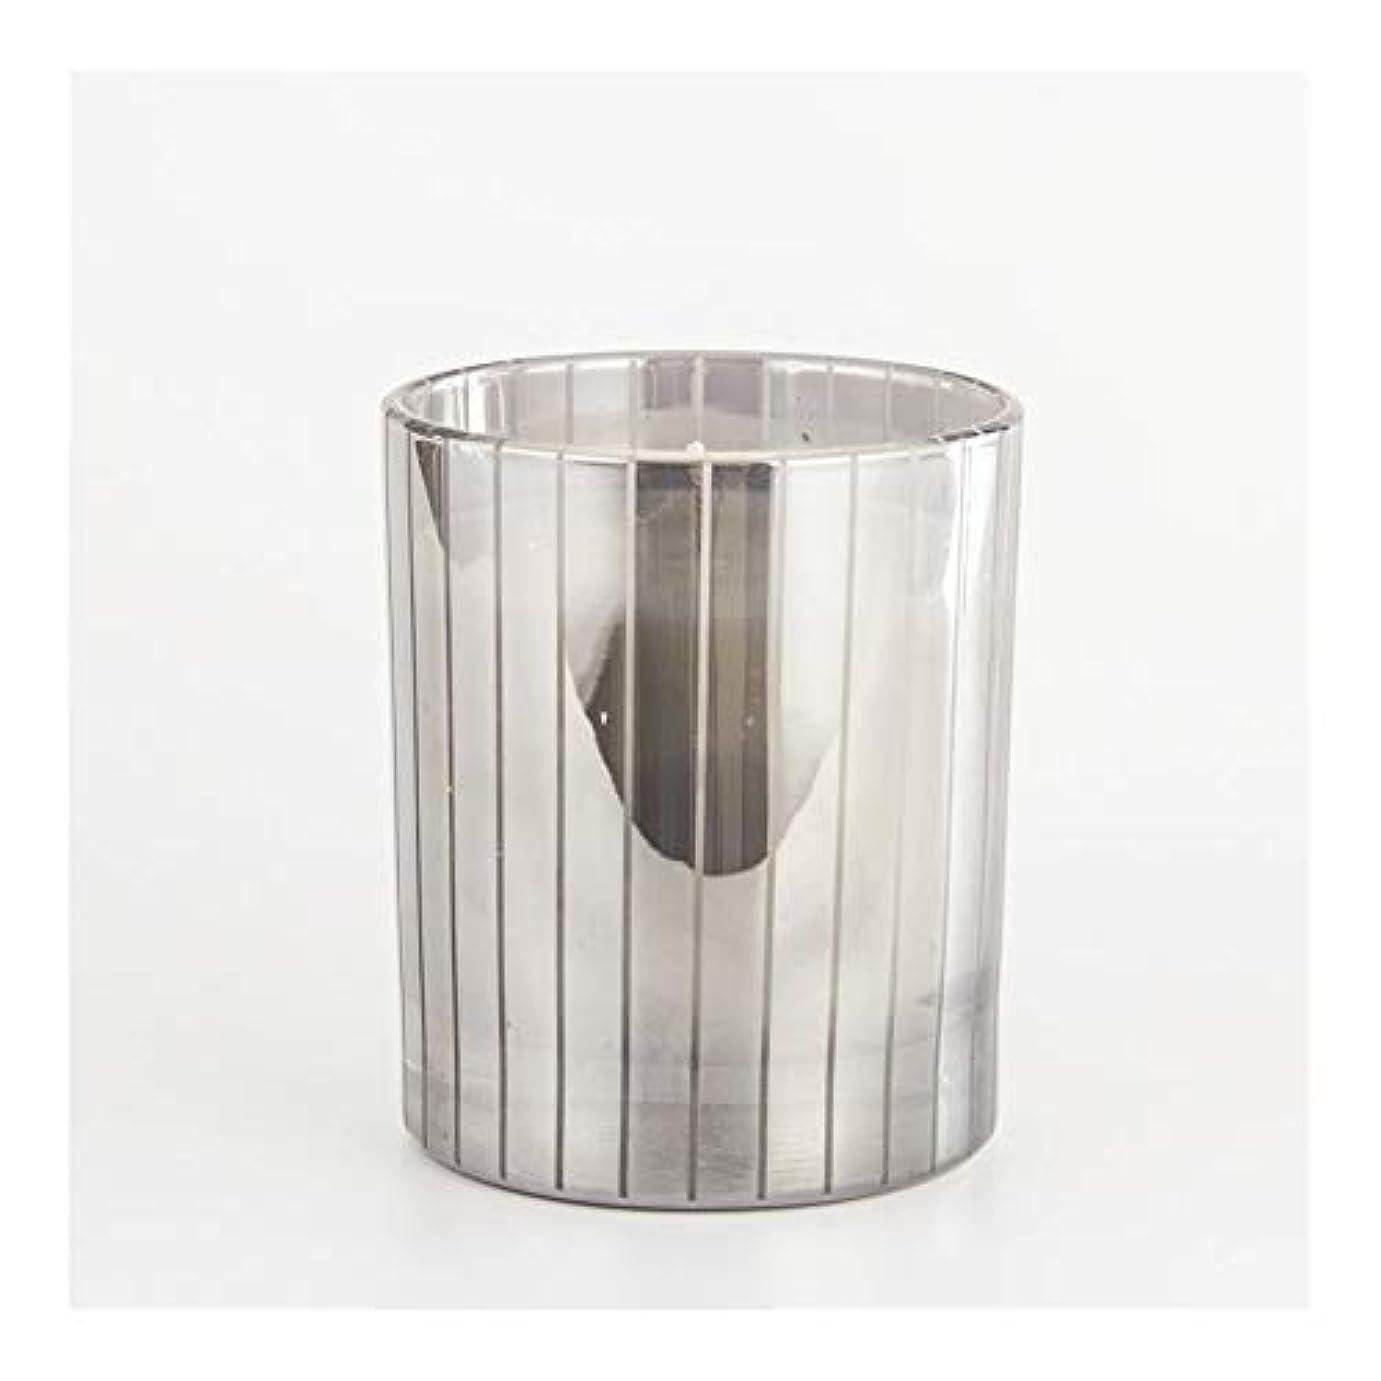 塗抹時々囚人Guomao シルバーストライプカップキャンドルカップワックスワックスアロマセラピーキャンドルガラスワックスカップ